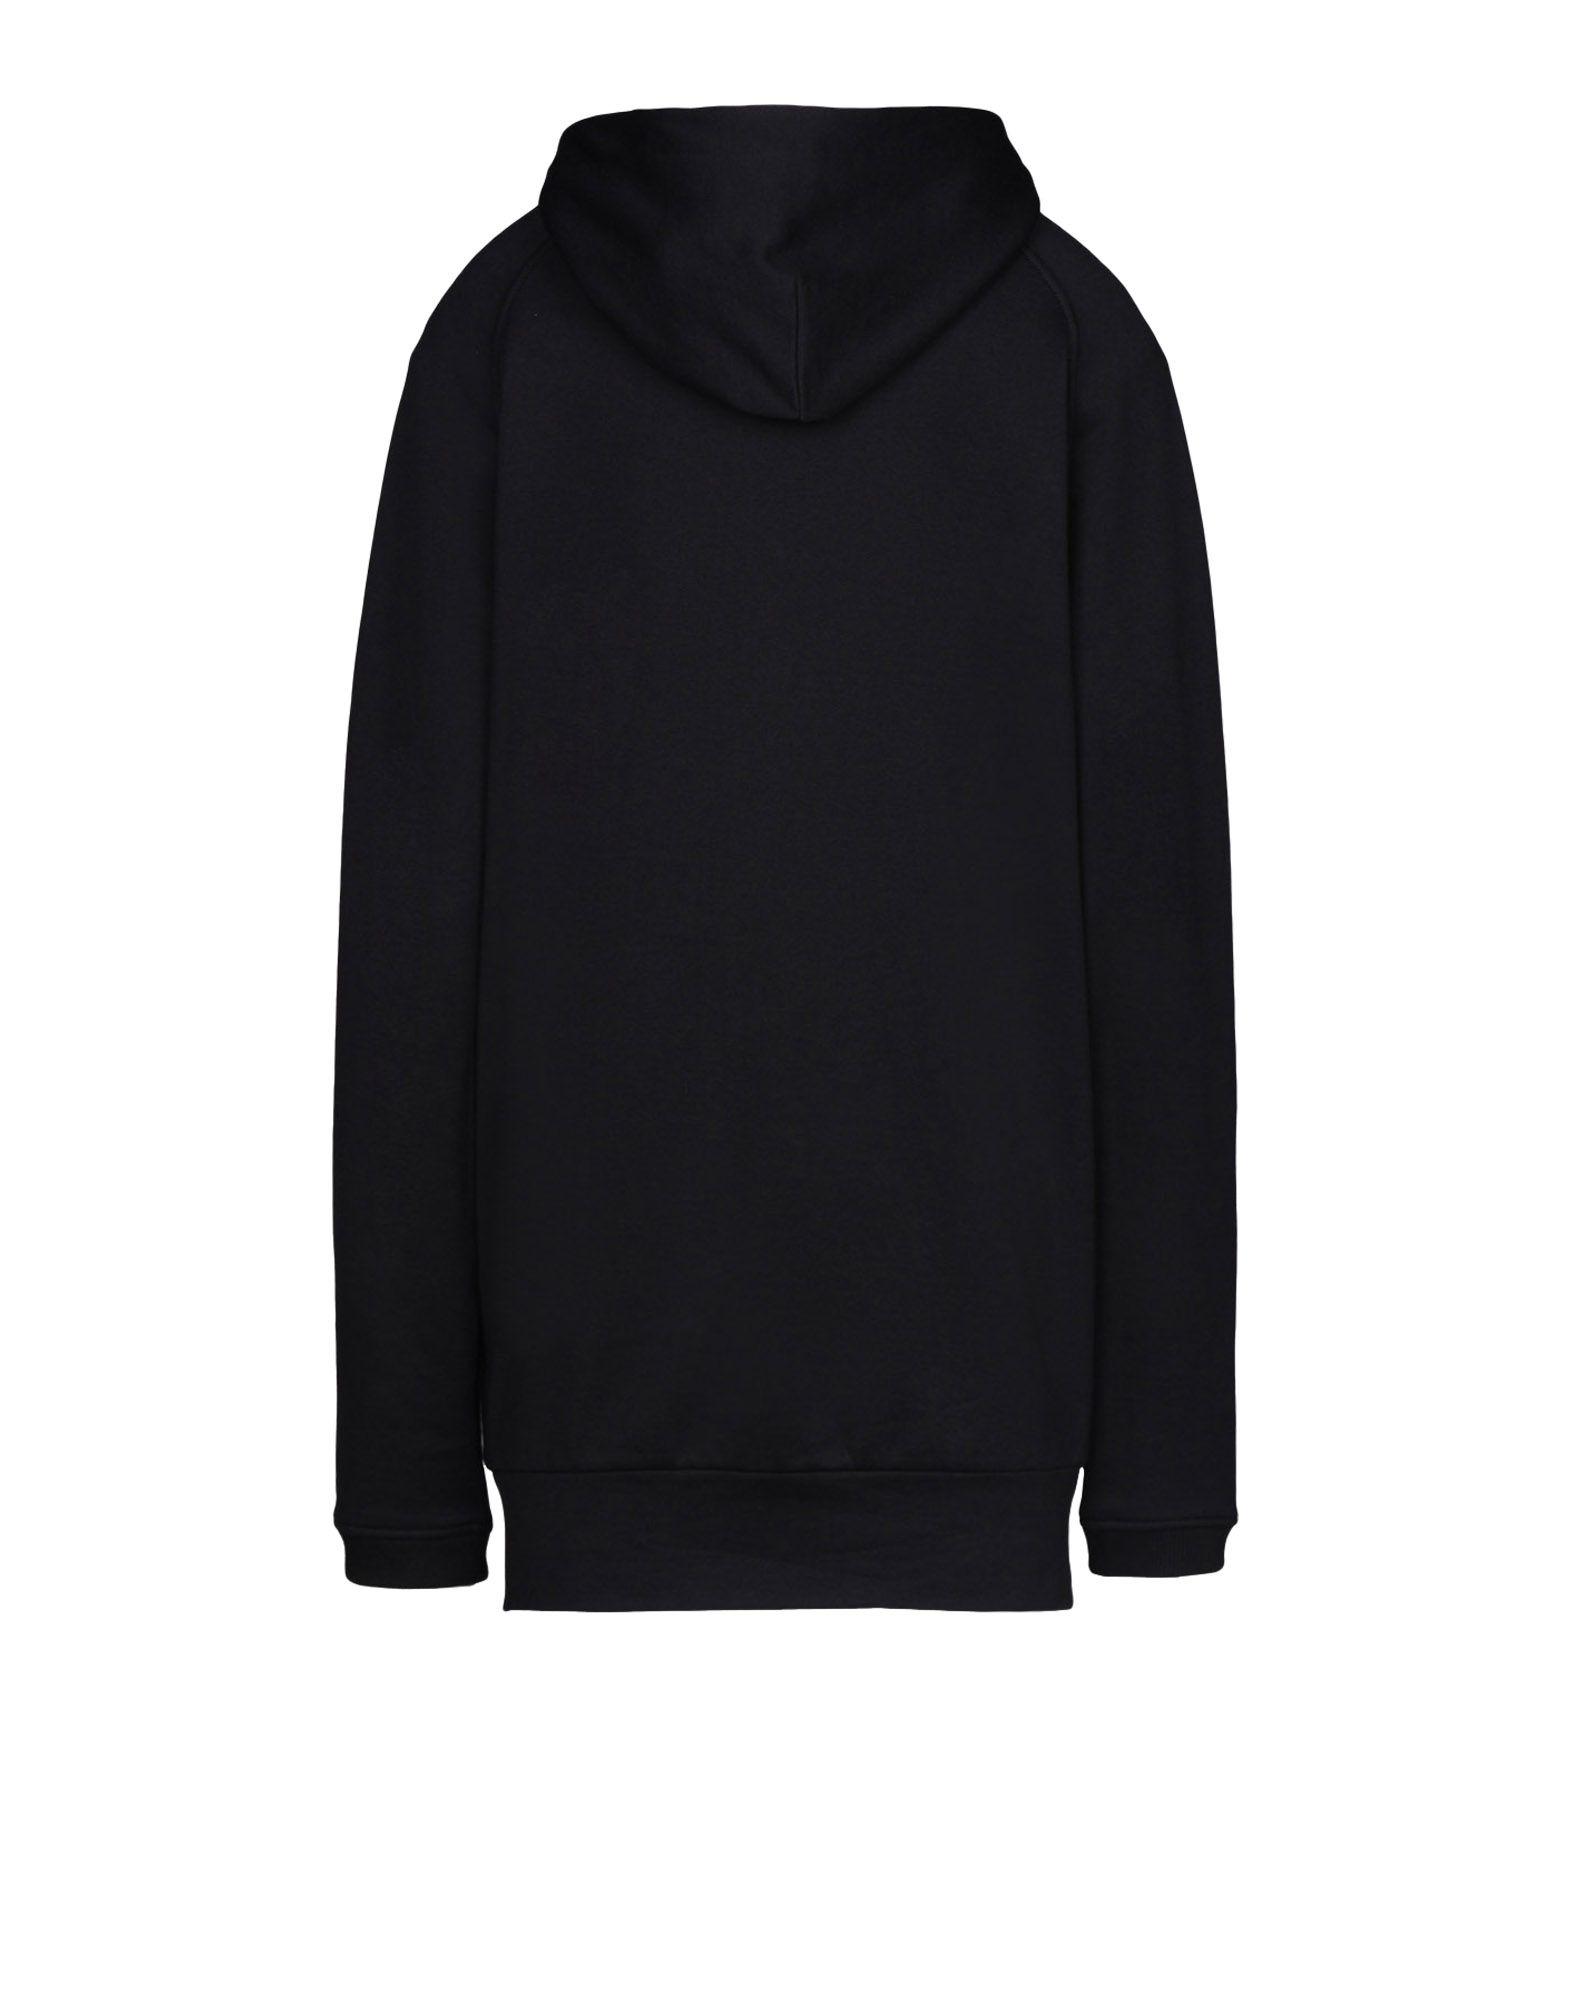 1f5724a58ea3 ... Y-3 Y-3 ELEGANT ZIP HOODY Hooded sweatshirt Woman ...